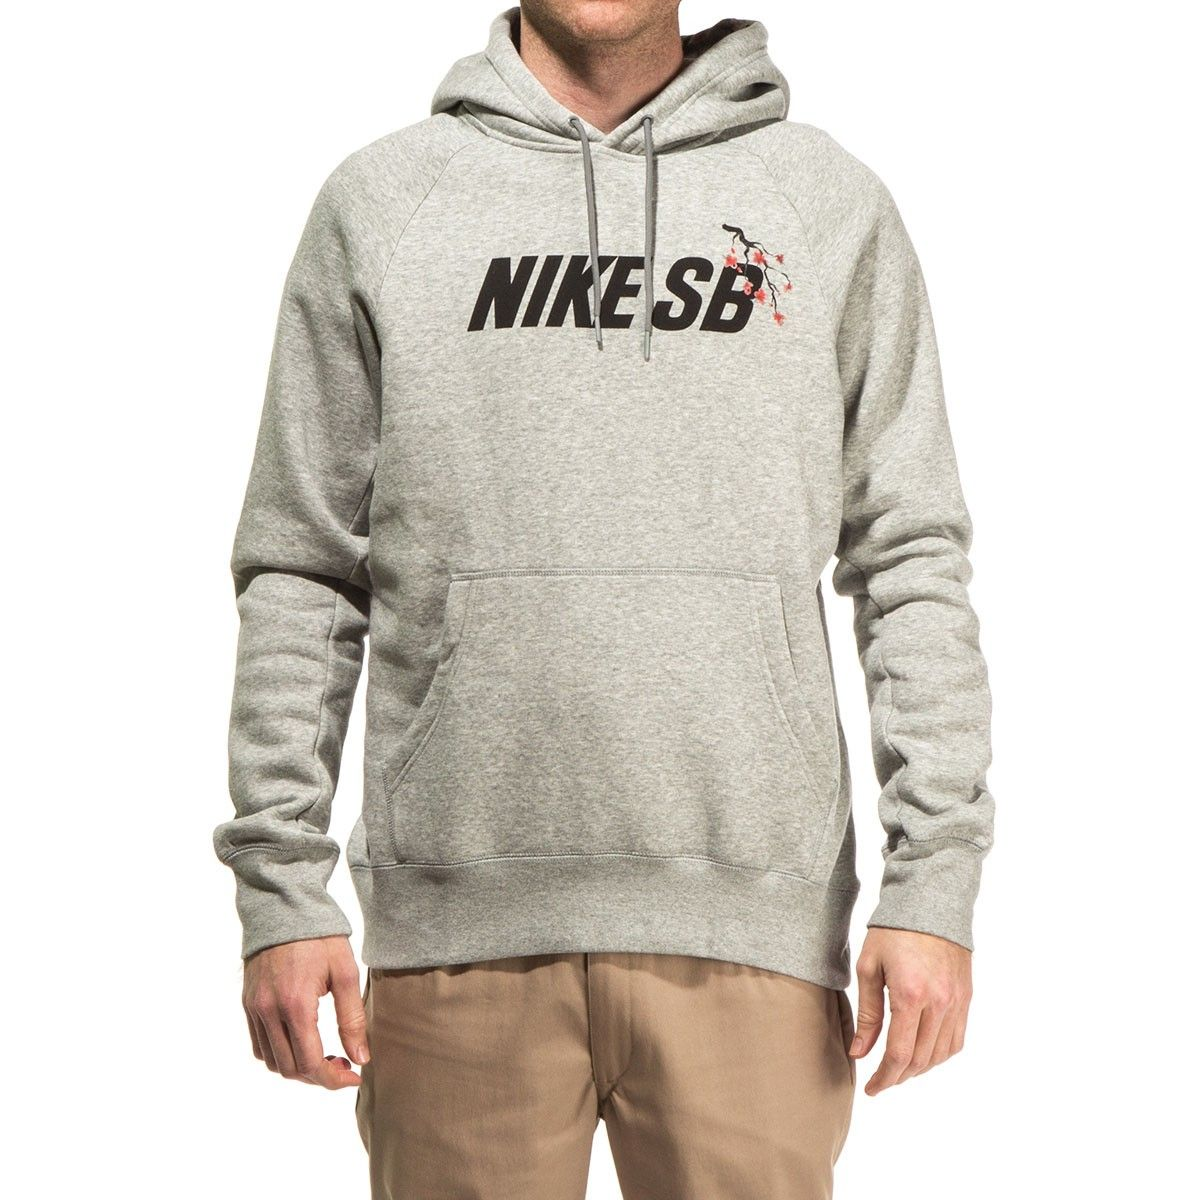 24 Awesome Nike Sb Cherry Blossom Hoodie Inspiring Ideas Nike Sb Cargo Nike Sb Cork Nike Sb Dunk High Nike Sb Dunk Low Deconst Hoodies Nike Sb Black Nikes [ 1200 x 1200 Pixel ]